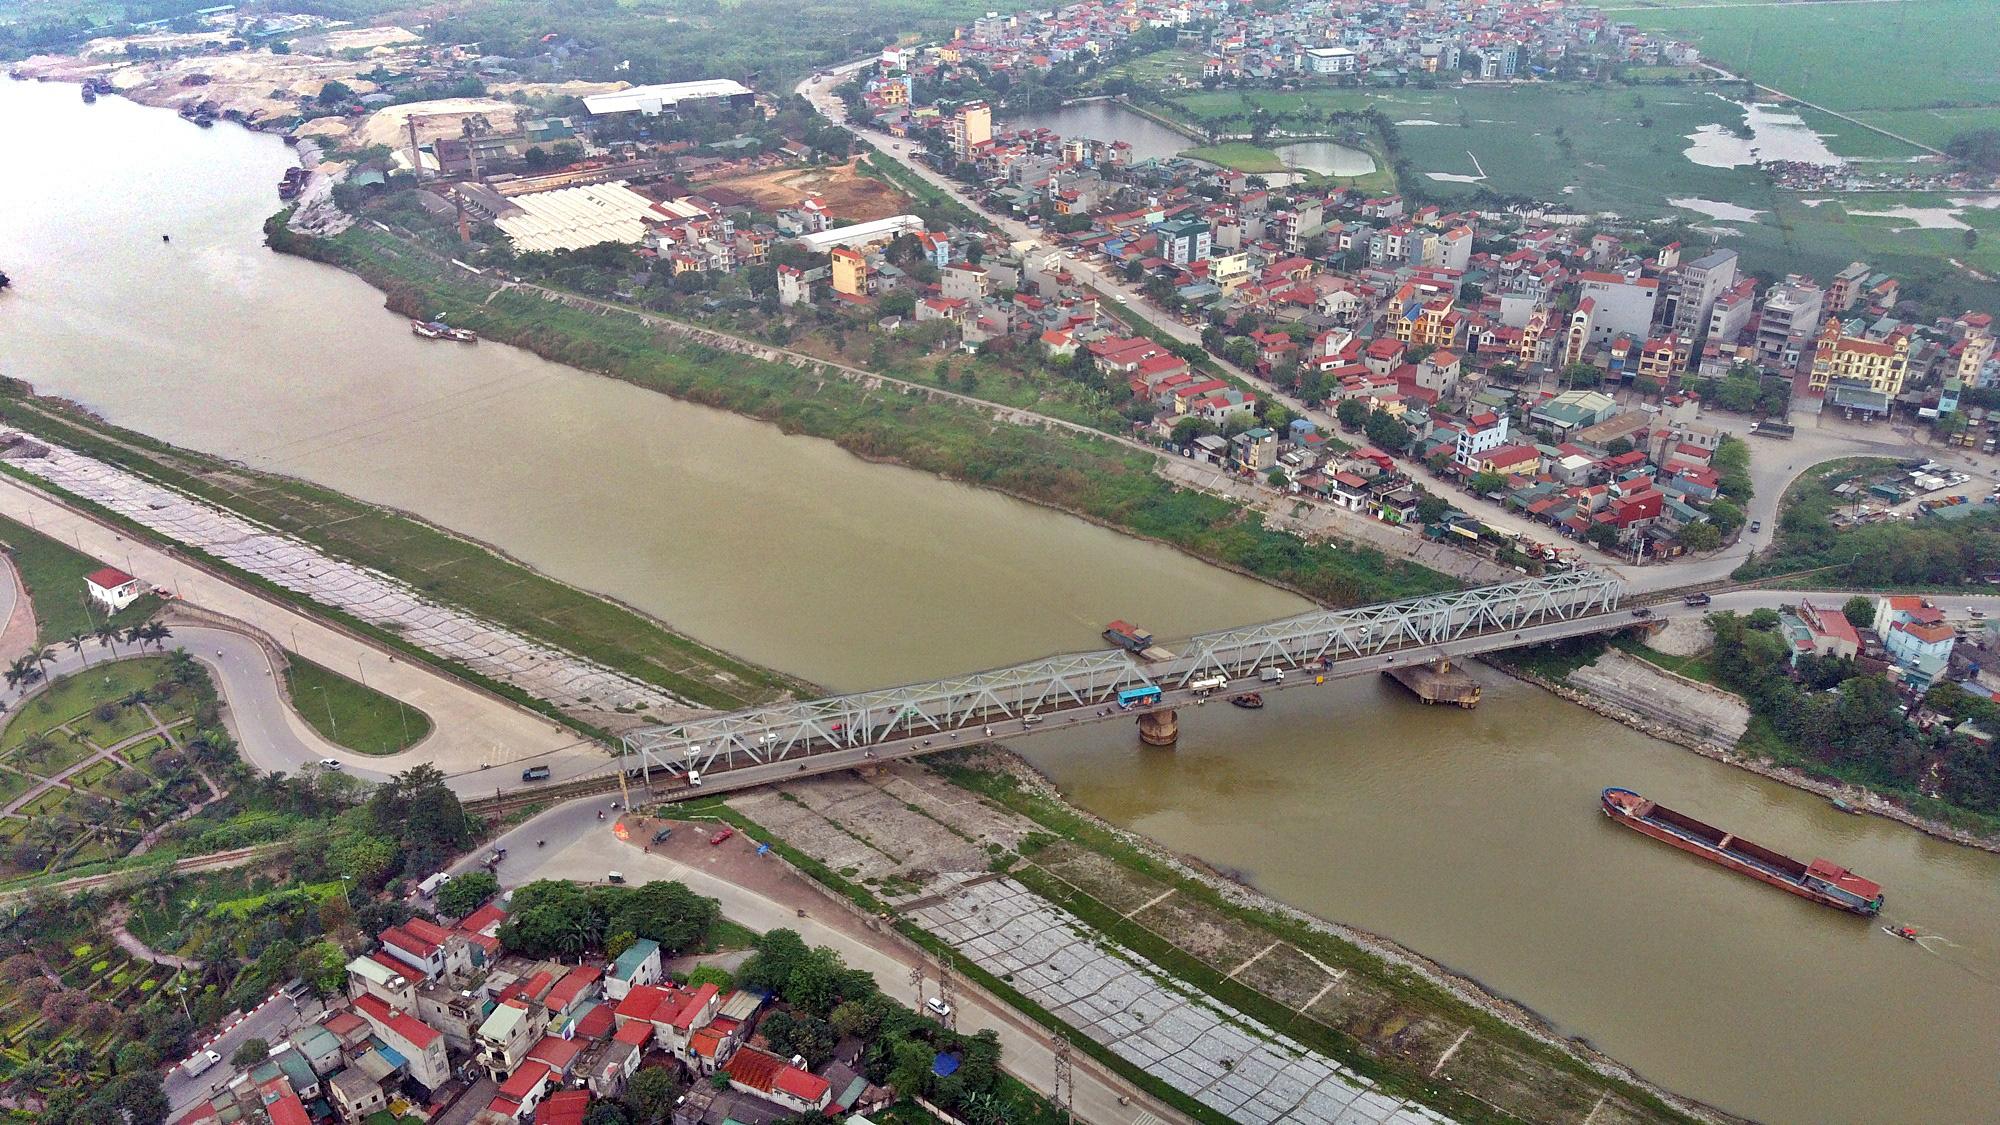 Đề xuất xây dựng cầu Đuống mới nối quận Long Biên với huyện Gia Lâm theo hình thức đối tác công-tư - Ảnh 1.